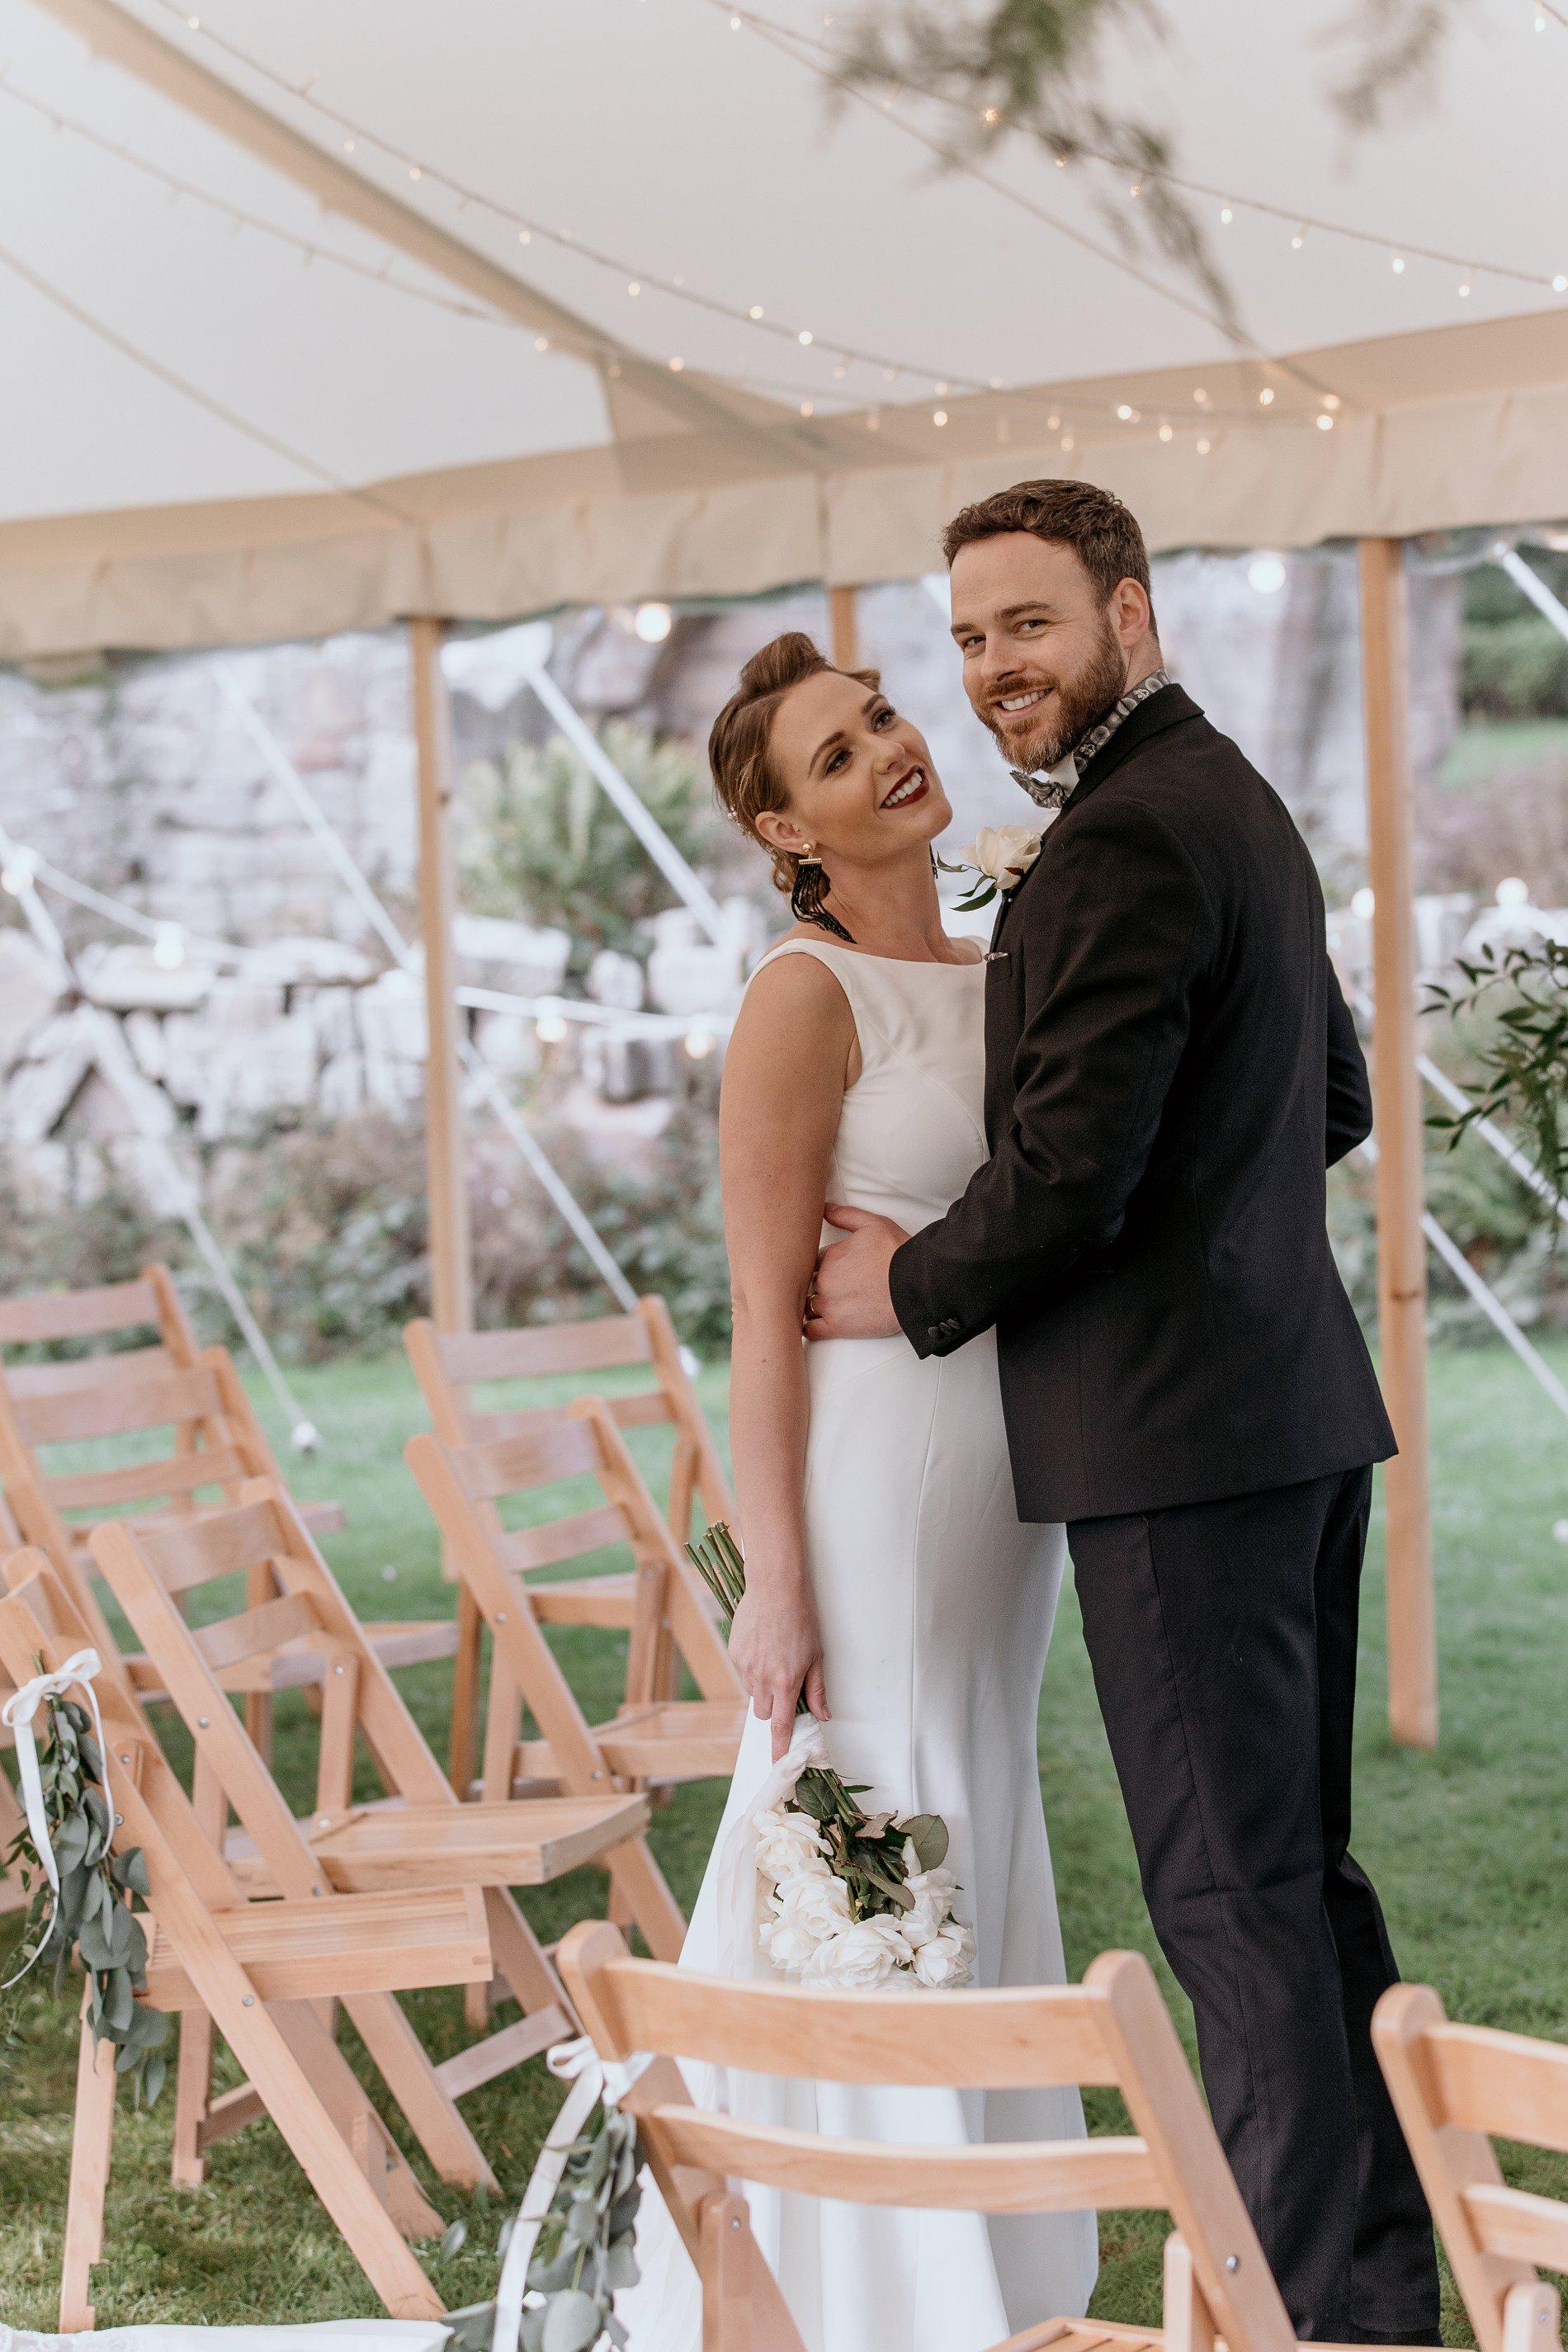 An Elegant Wedding Shoot at Jervaulx Abbey (c) Natalie Hamilton Photography (49)